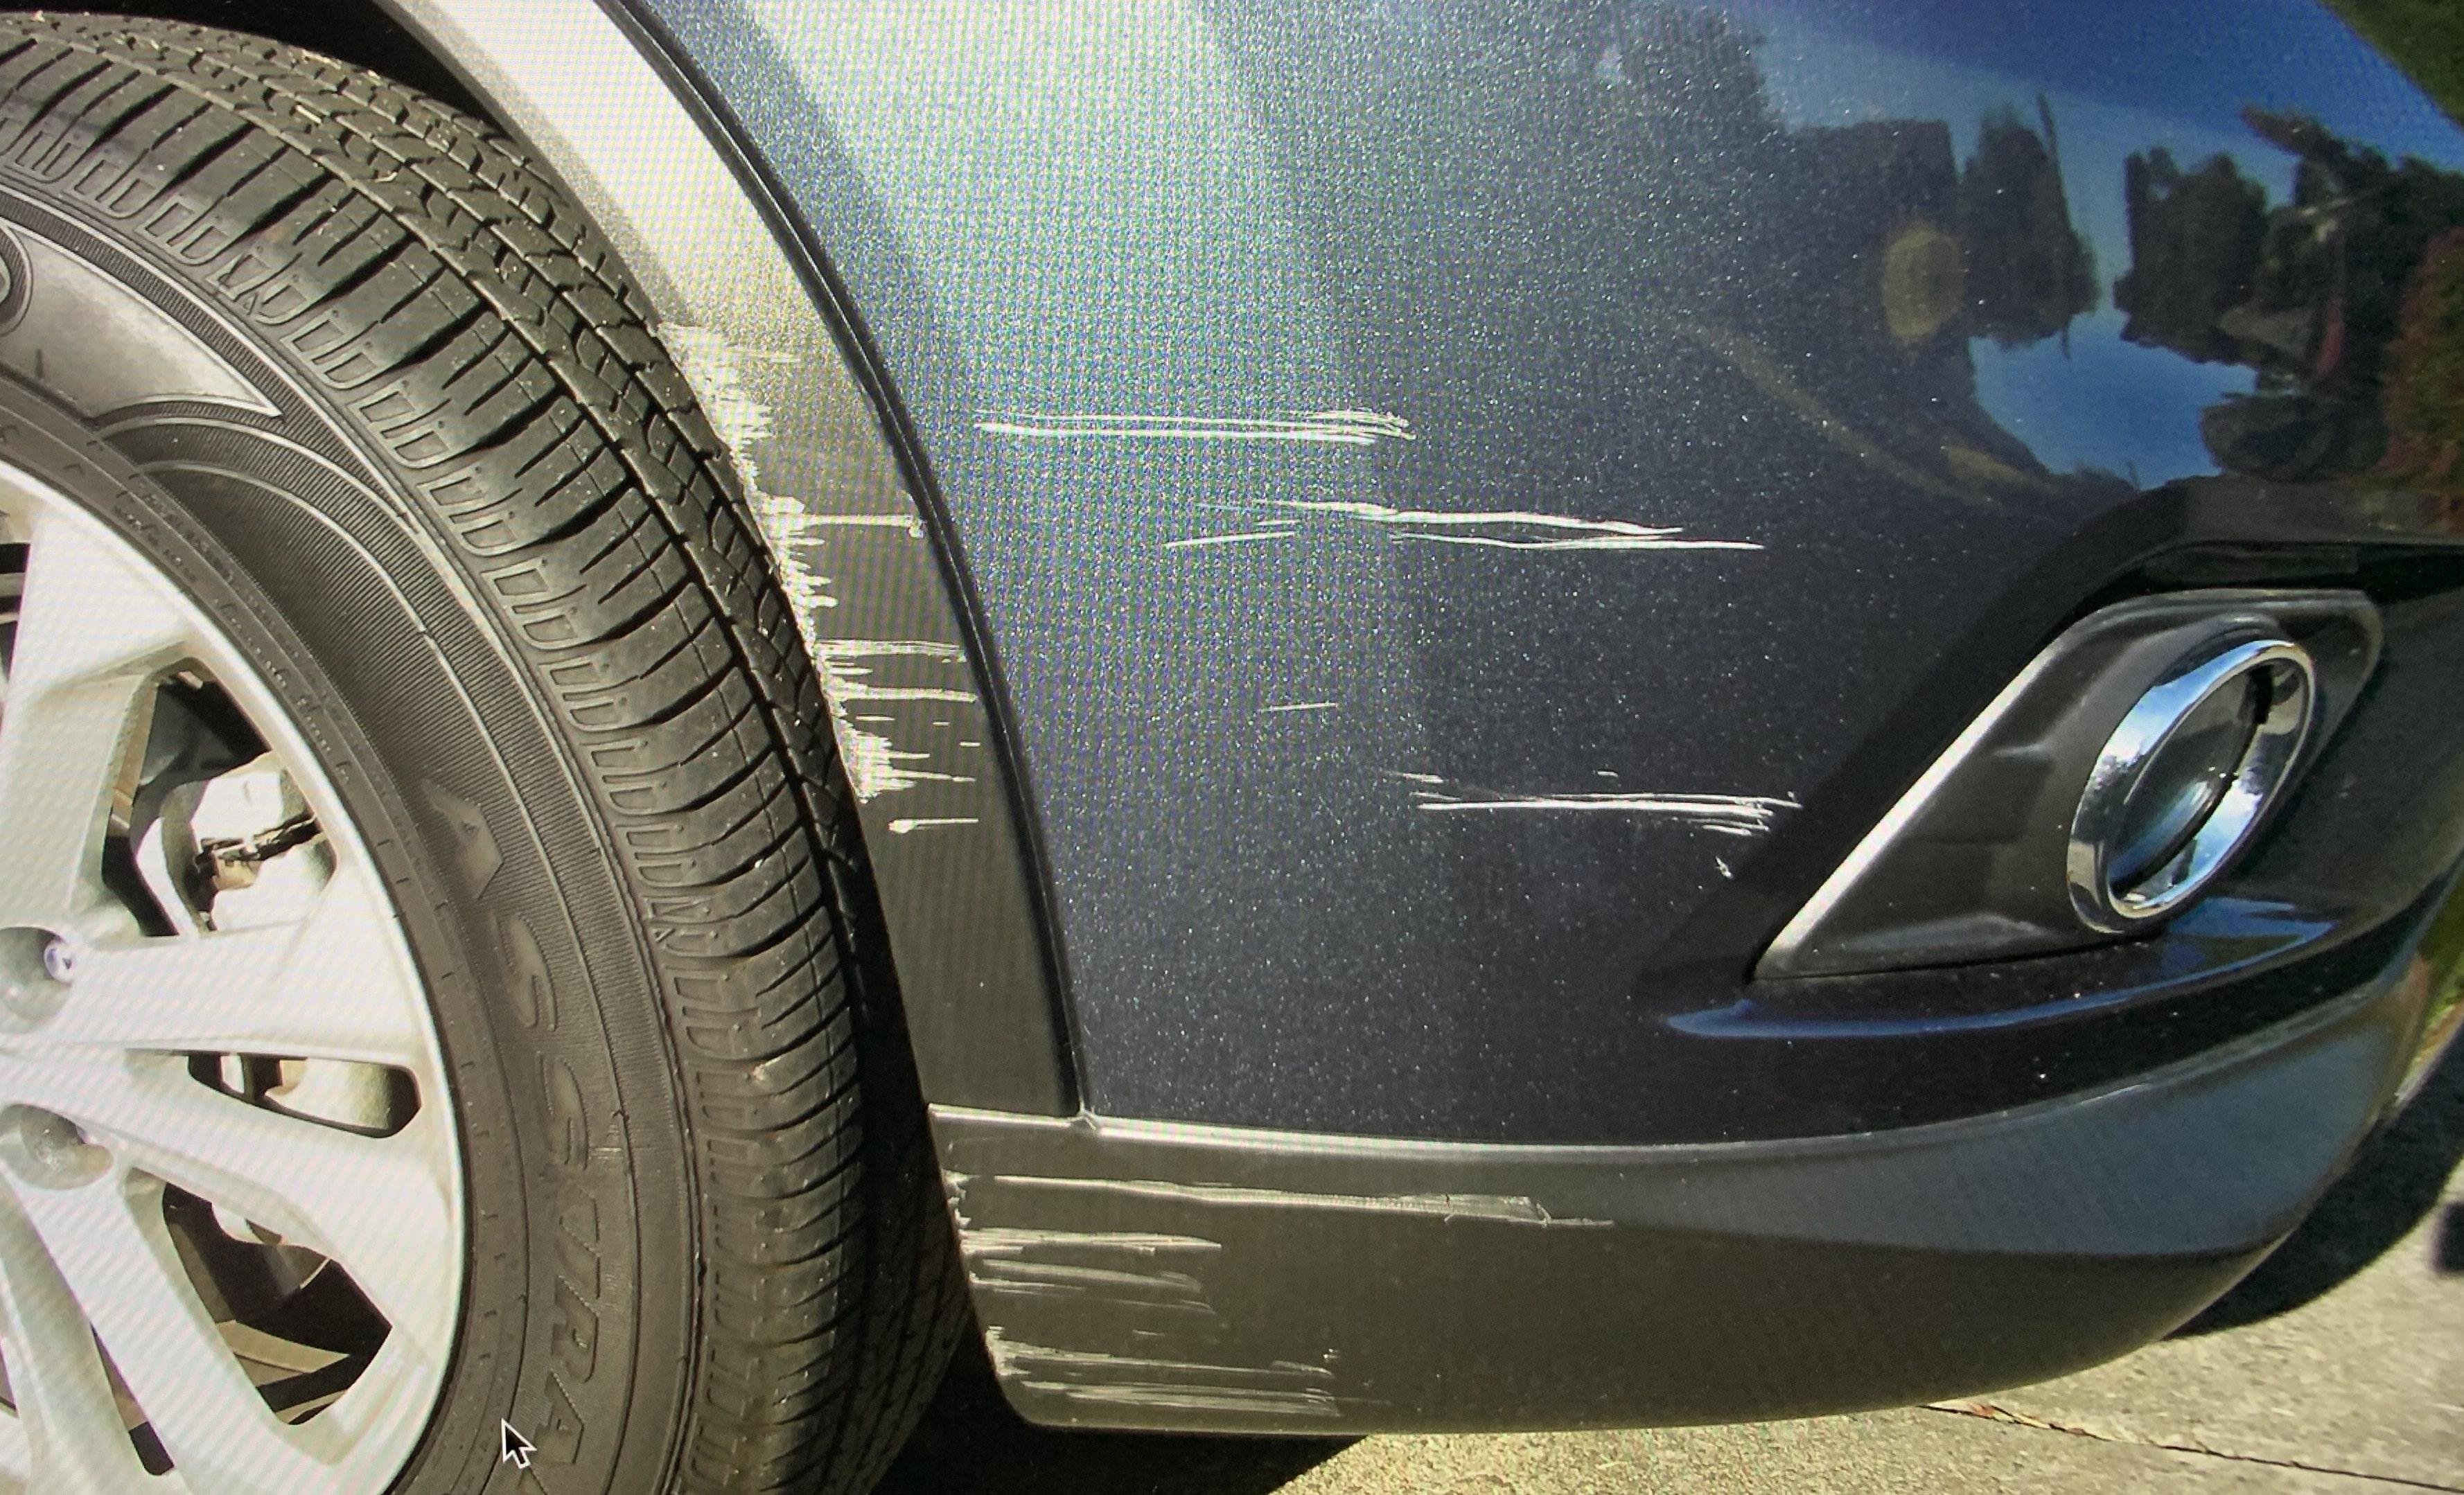 Nissan - Bumper Repair - Mobile Car Scratch Repair